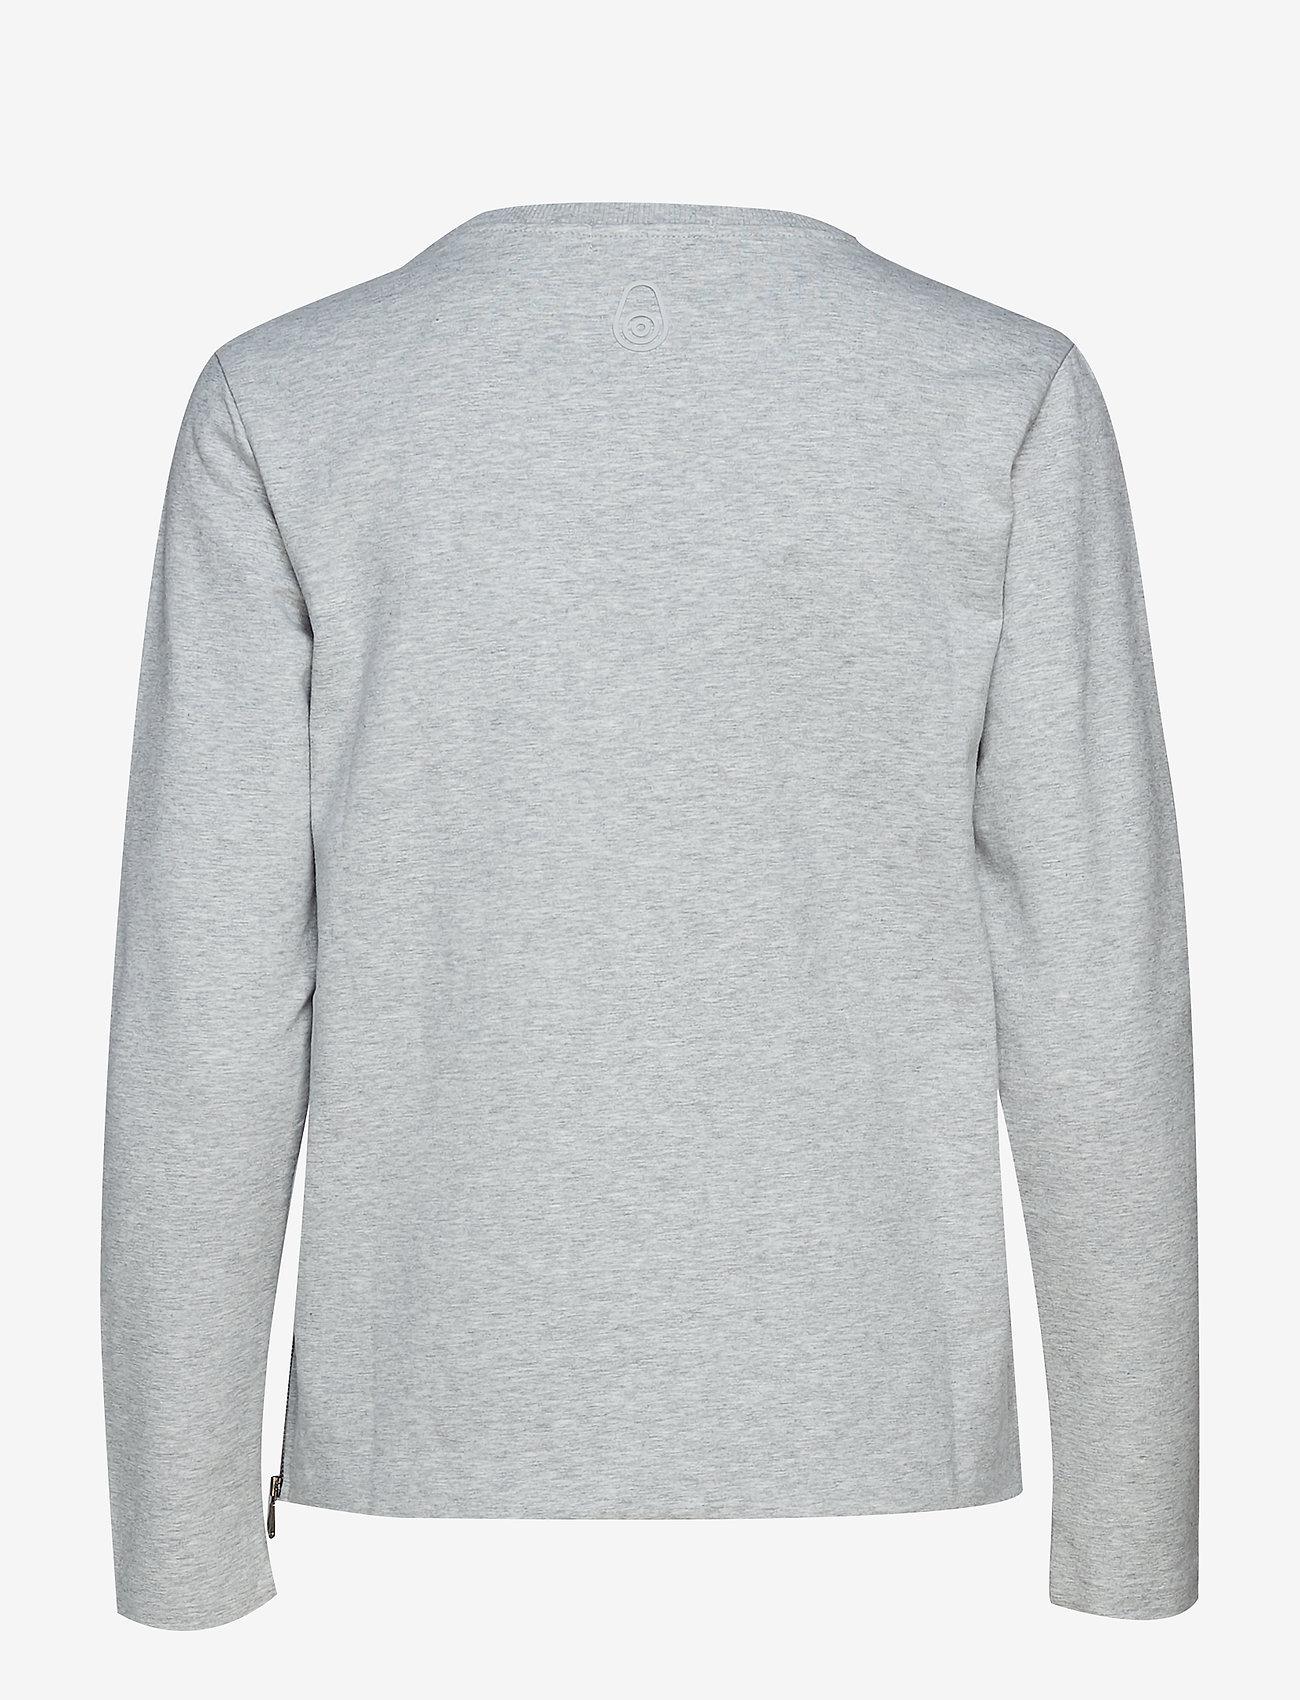 Sail Racing - W RACE ZIP CREW NECK - sweatshirts - grey melange